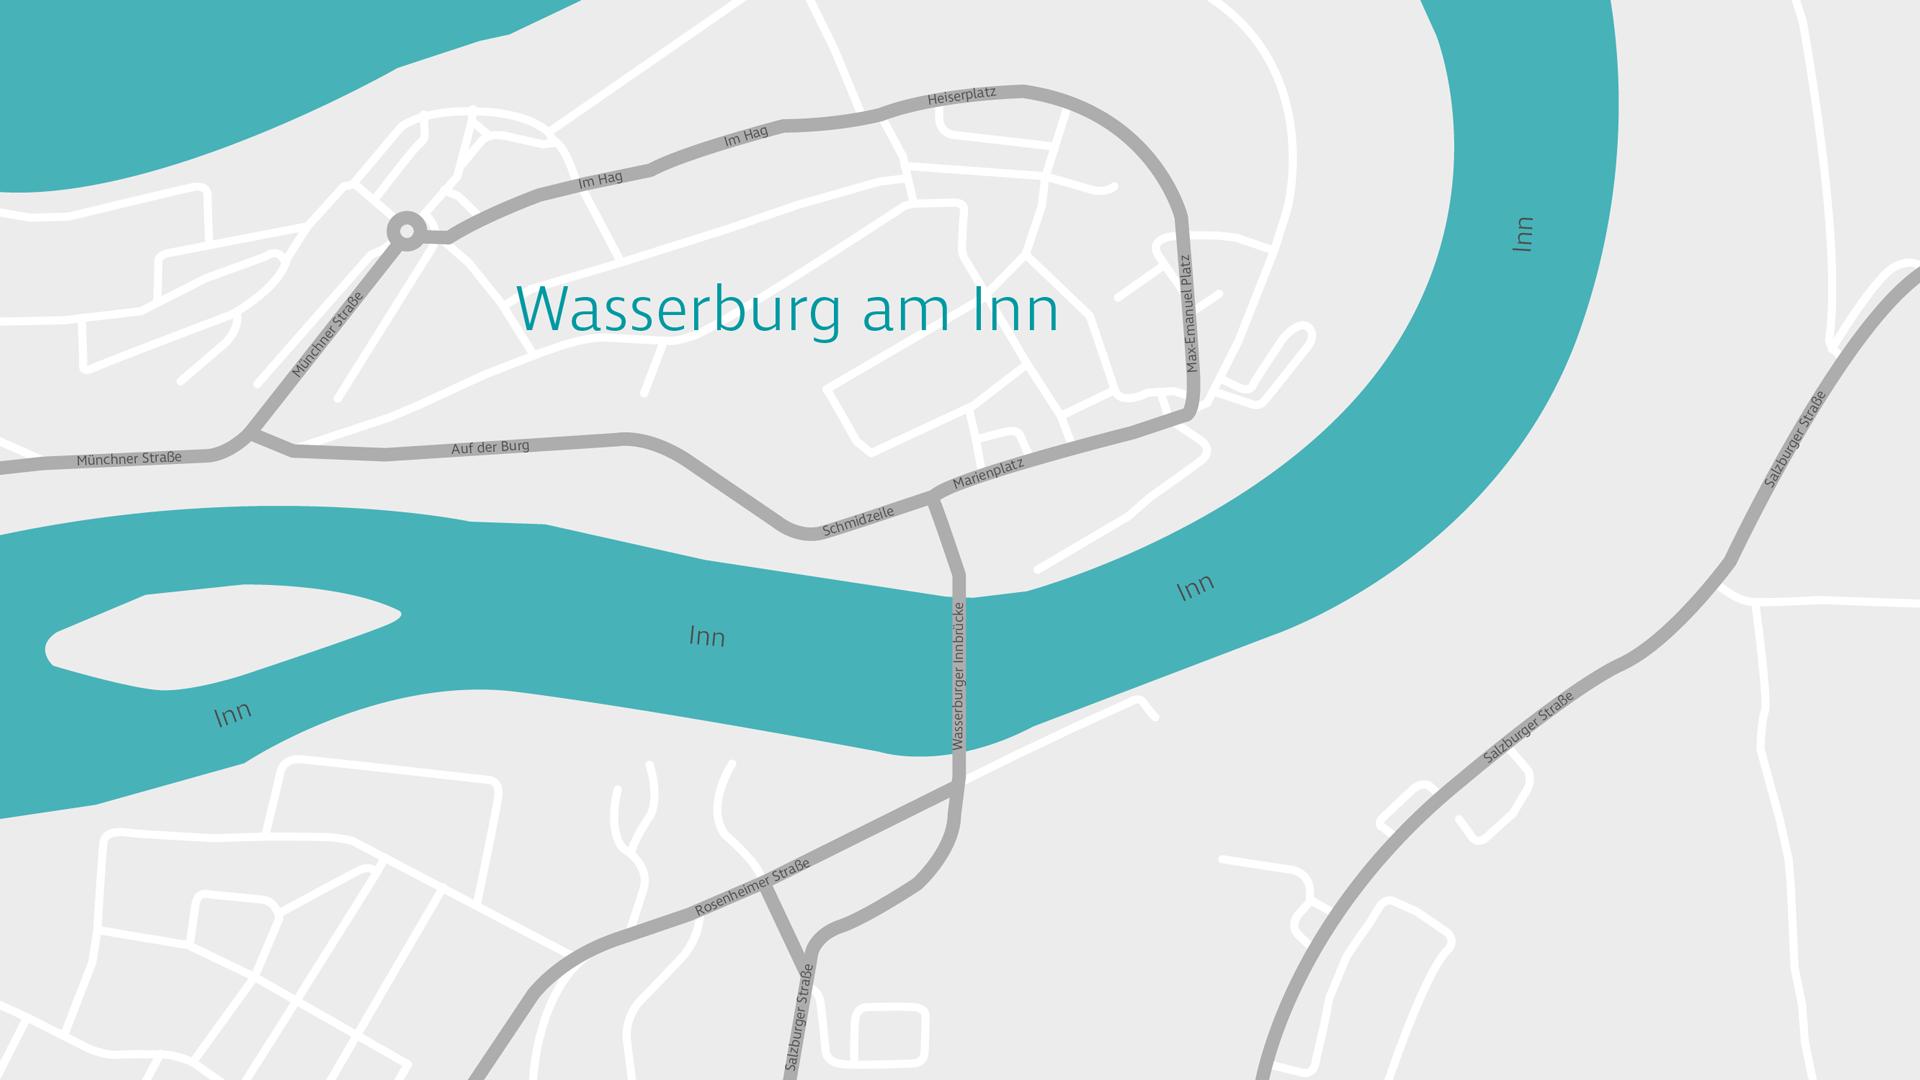 Kartenausschnitt von Wasserburg